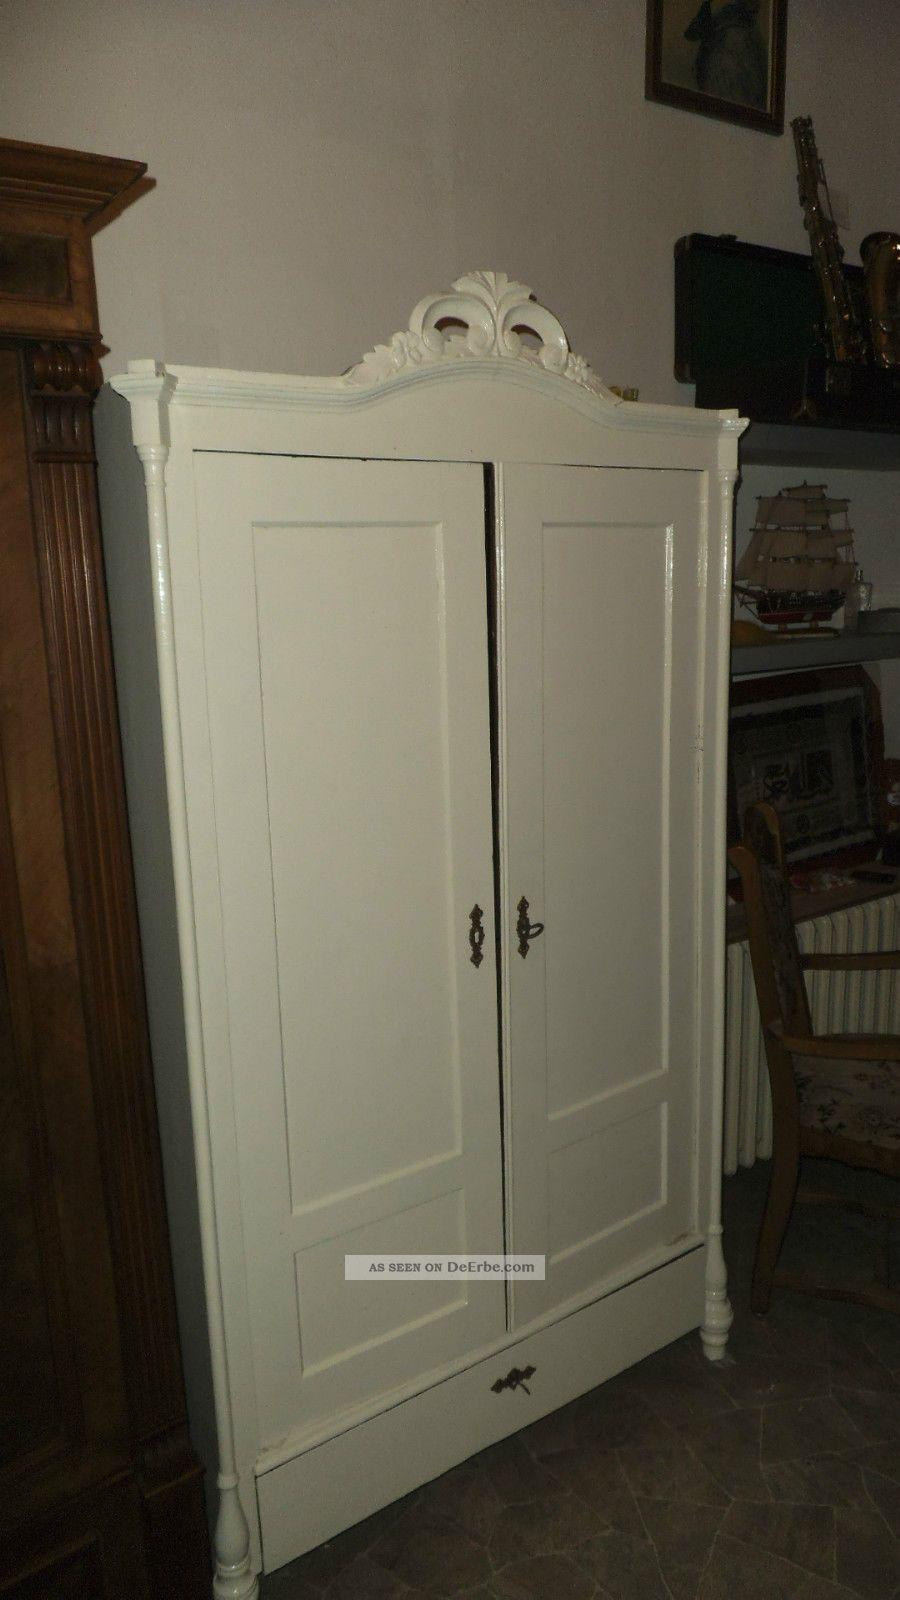 dielenschrank kleiderschrank schrank antik shabby chic schubfach. Black Bedroom Furniture Sets. Home Design Ideas